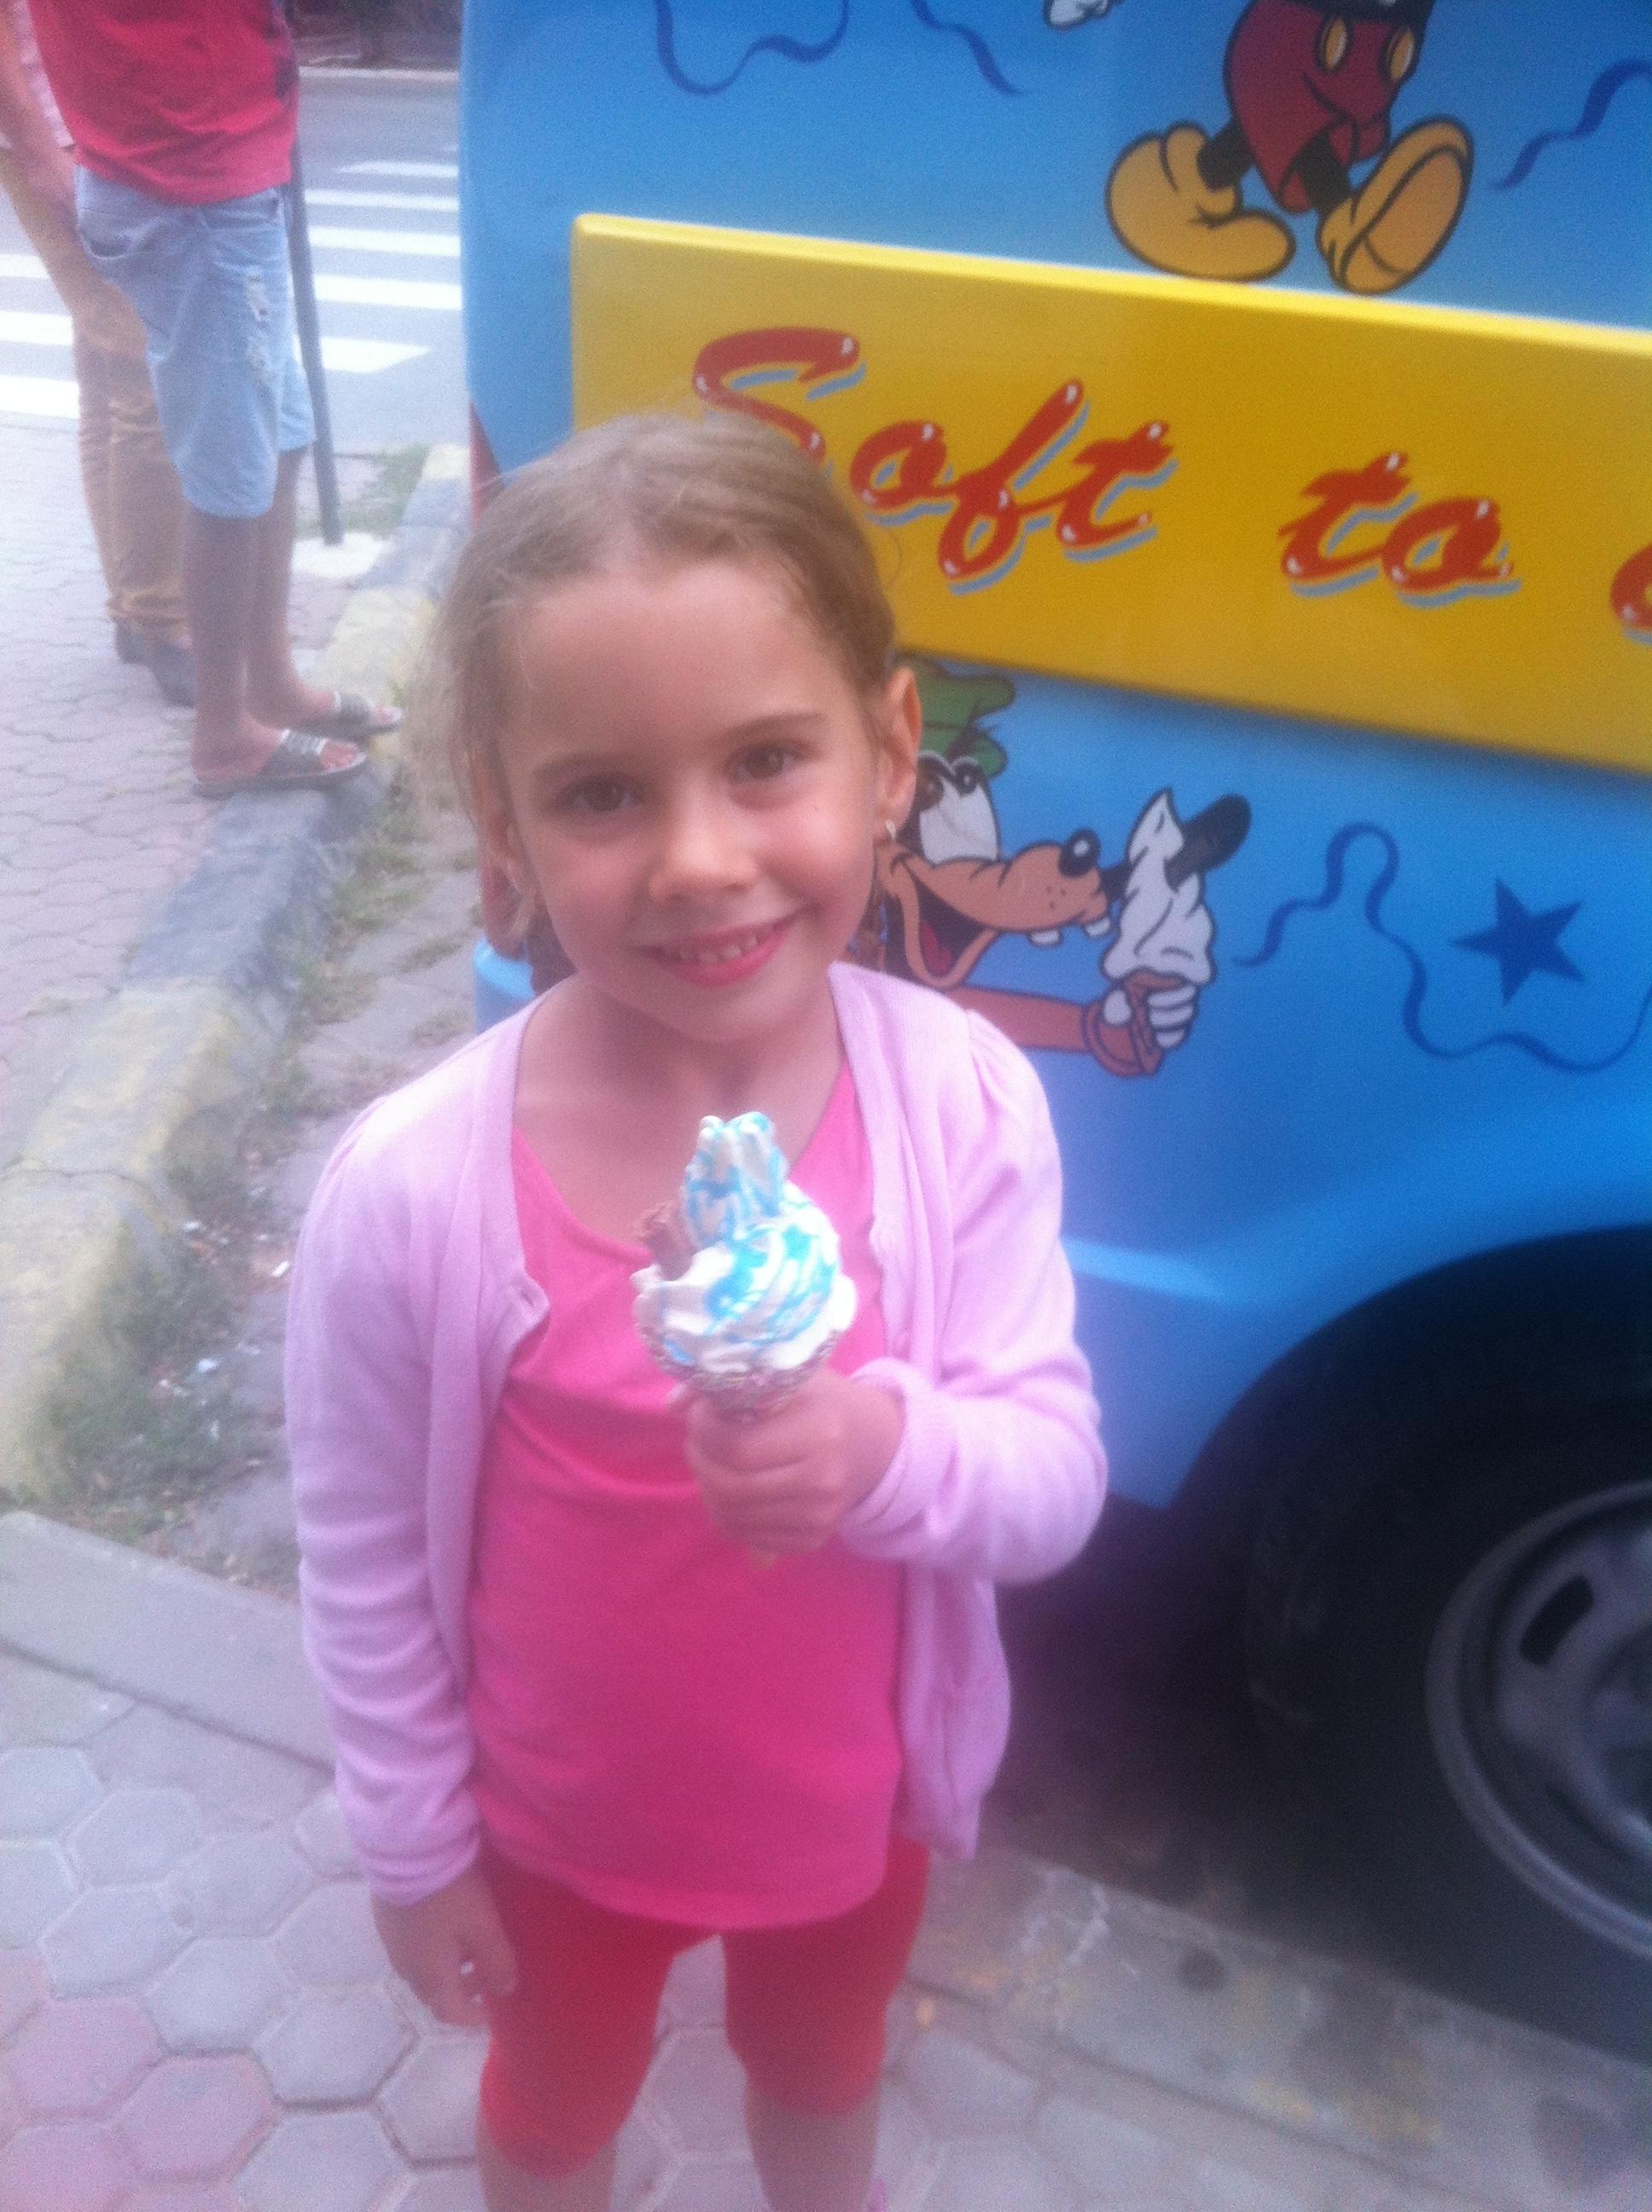 kid with ice-cream